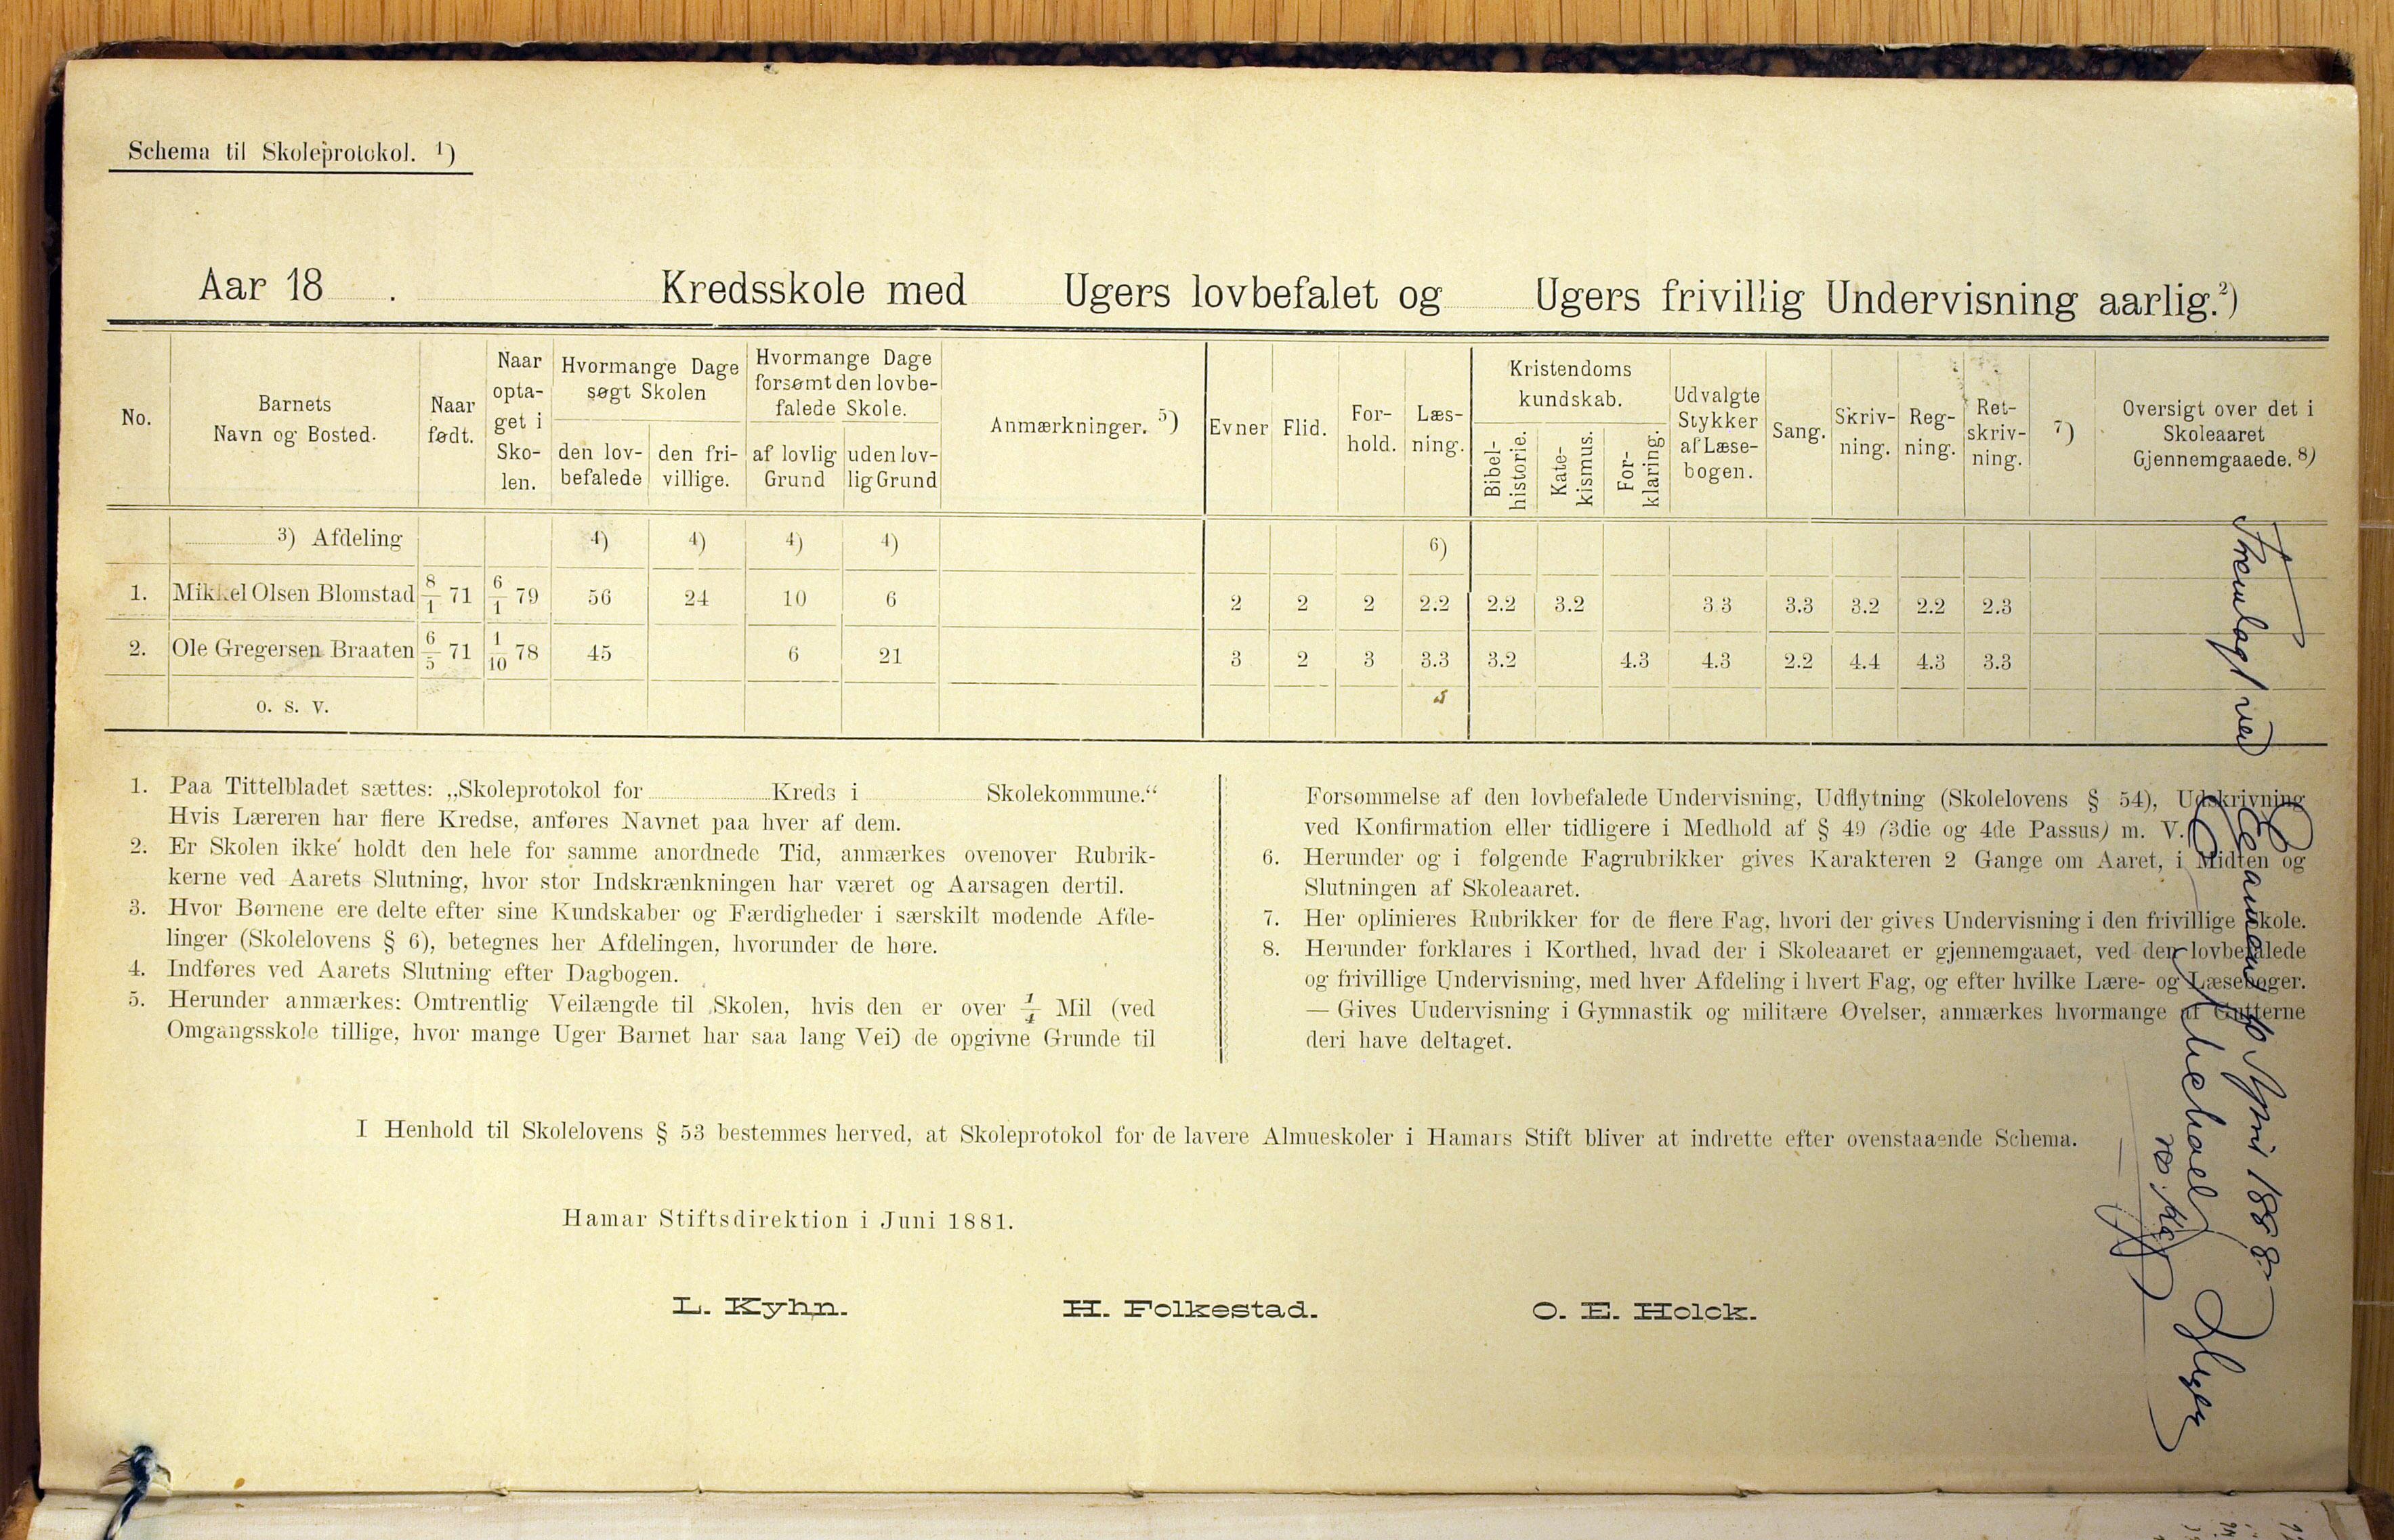 KVT, Vestre Toten kommunearkiv*, -: Skolehold- og skolesøkningsprotokoll, Nordli, Elton og Østvold krets i Vestre Toten skolekommune, 1886-1904